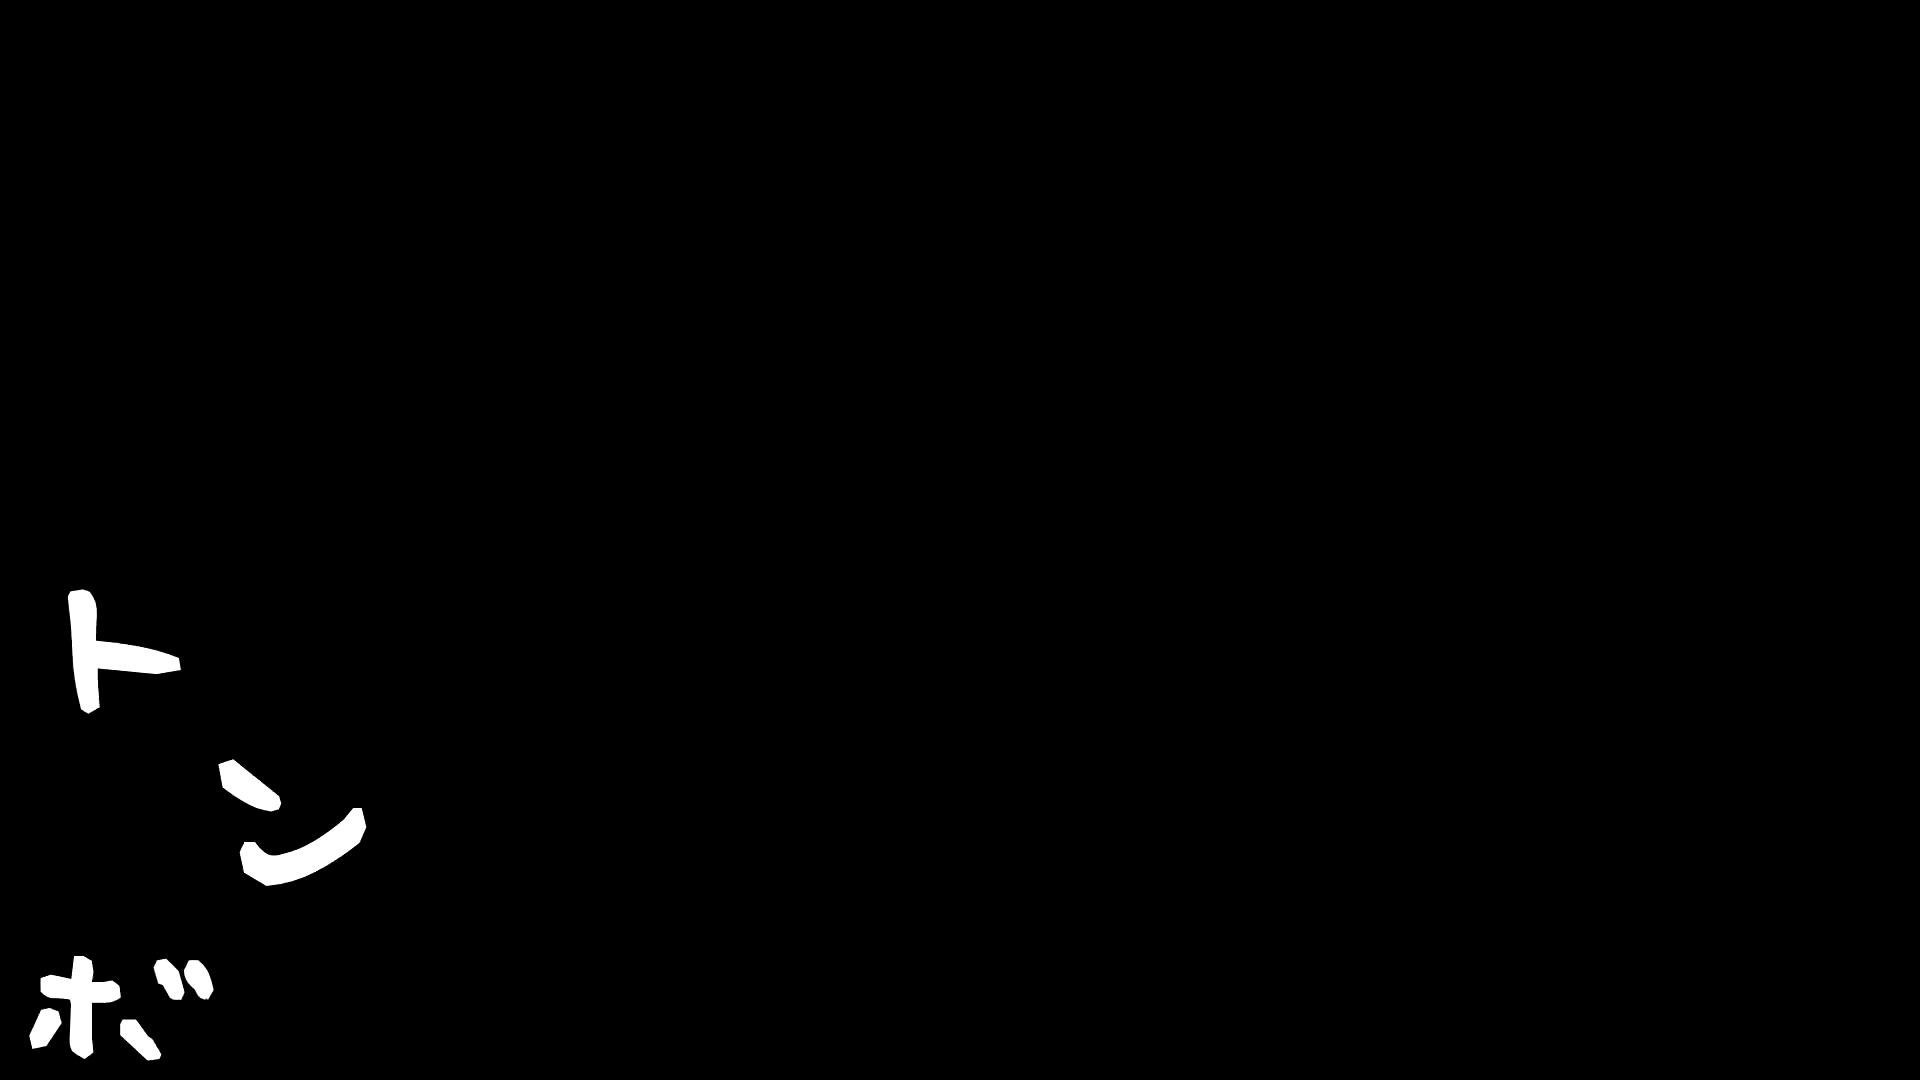 リアル盗撮 清楚なお女市さんのマル秘私生活① 盗撮 AV無料 89pic 77